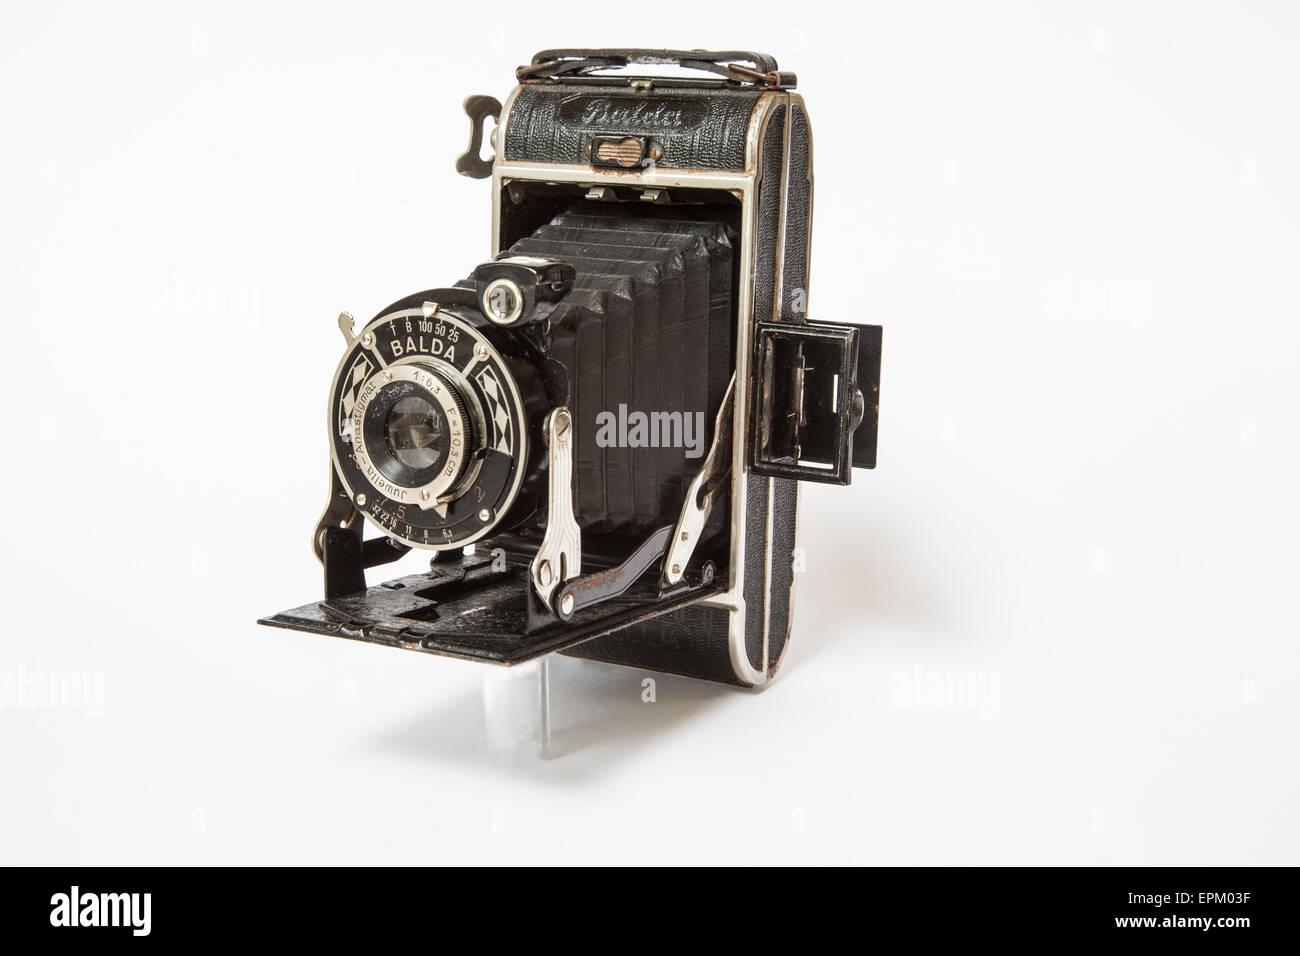 Balda Juwella Deutsch faltbare Kamera mit Faltenbalg ca. 1930 Herstellung von 6 x 9 cm Bilder auf 120 Format Film. Stockbild